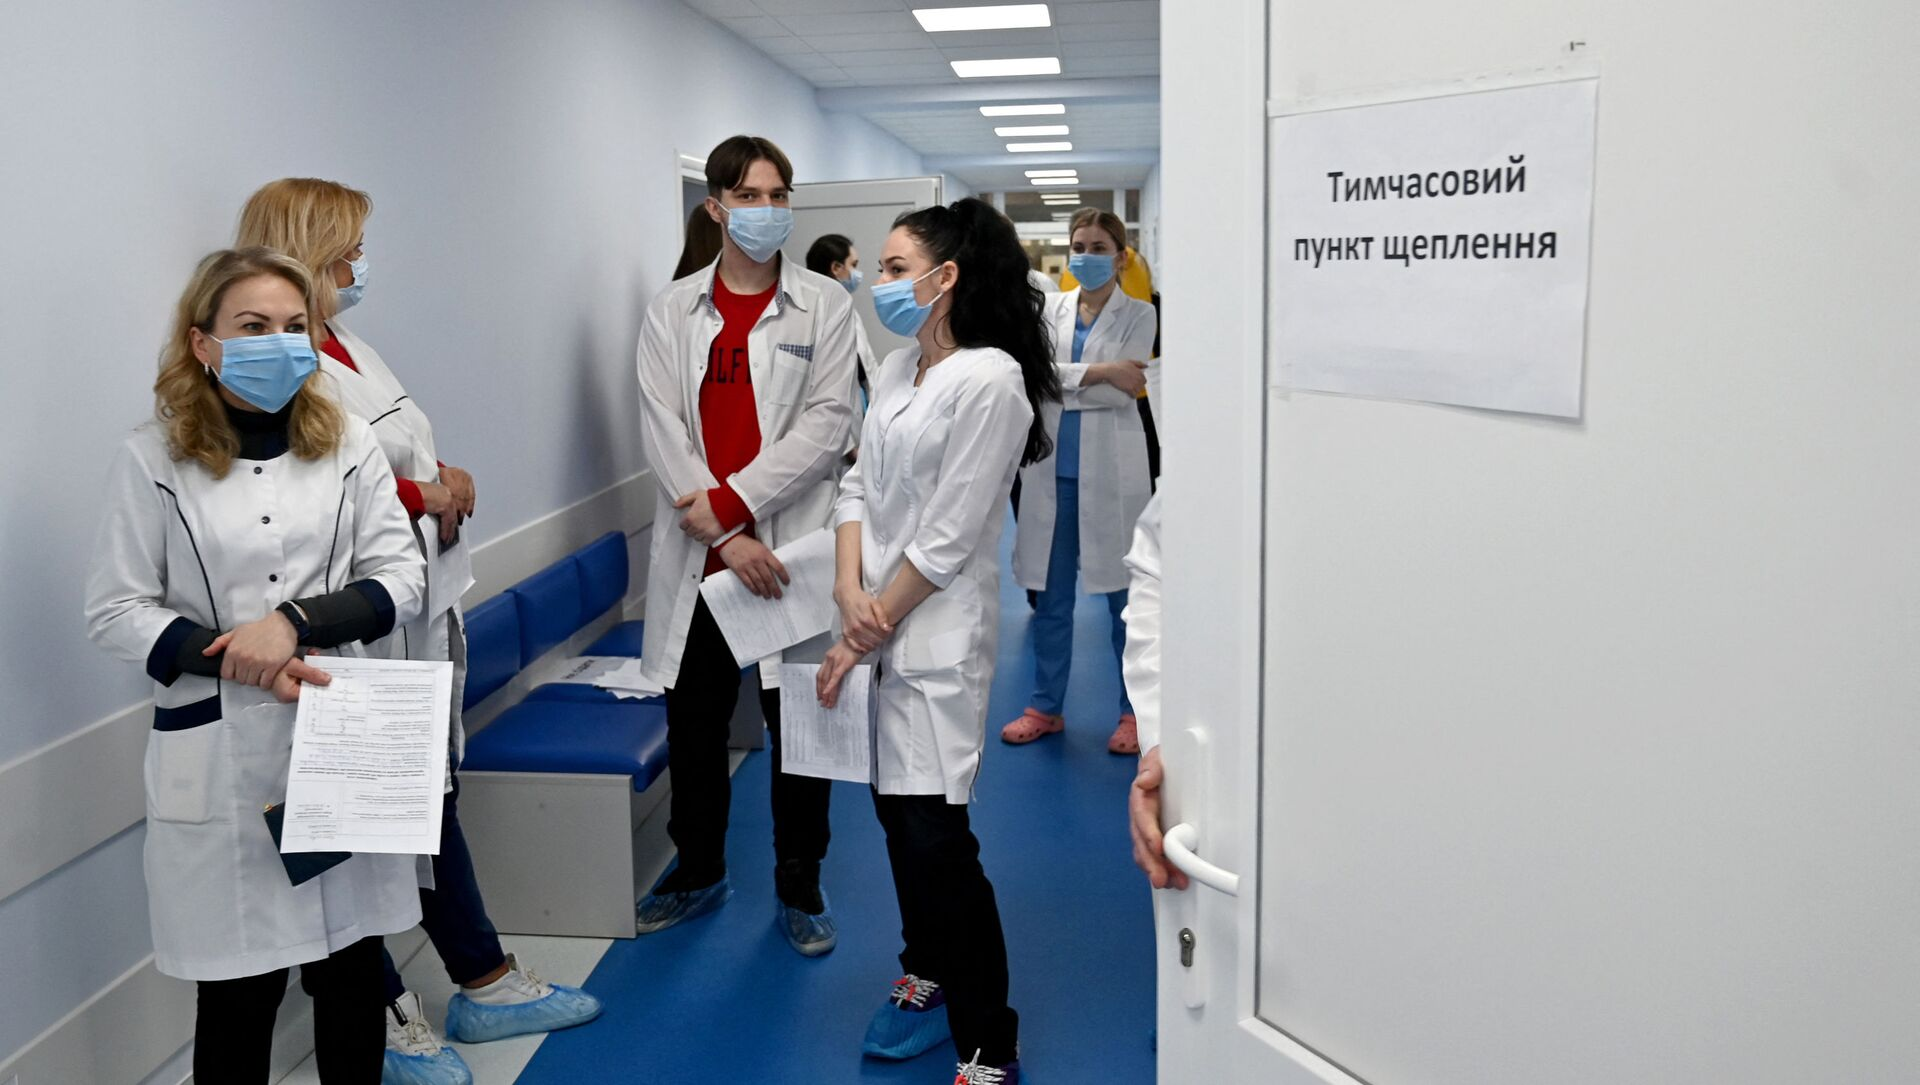 Pracownicy medyczni w kolejce po szczepionkę Oxford/AstraZeneca w szpitalu w Kijowie - Sputnik Polska, 1920, 24.03.2021